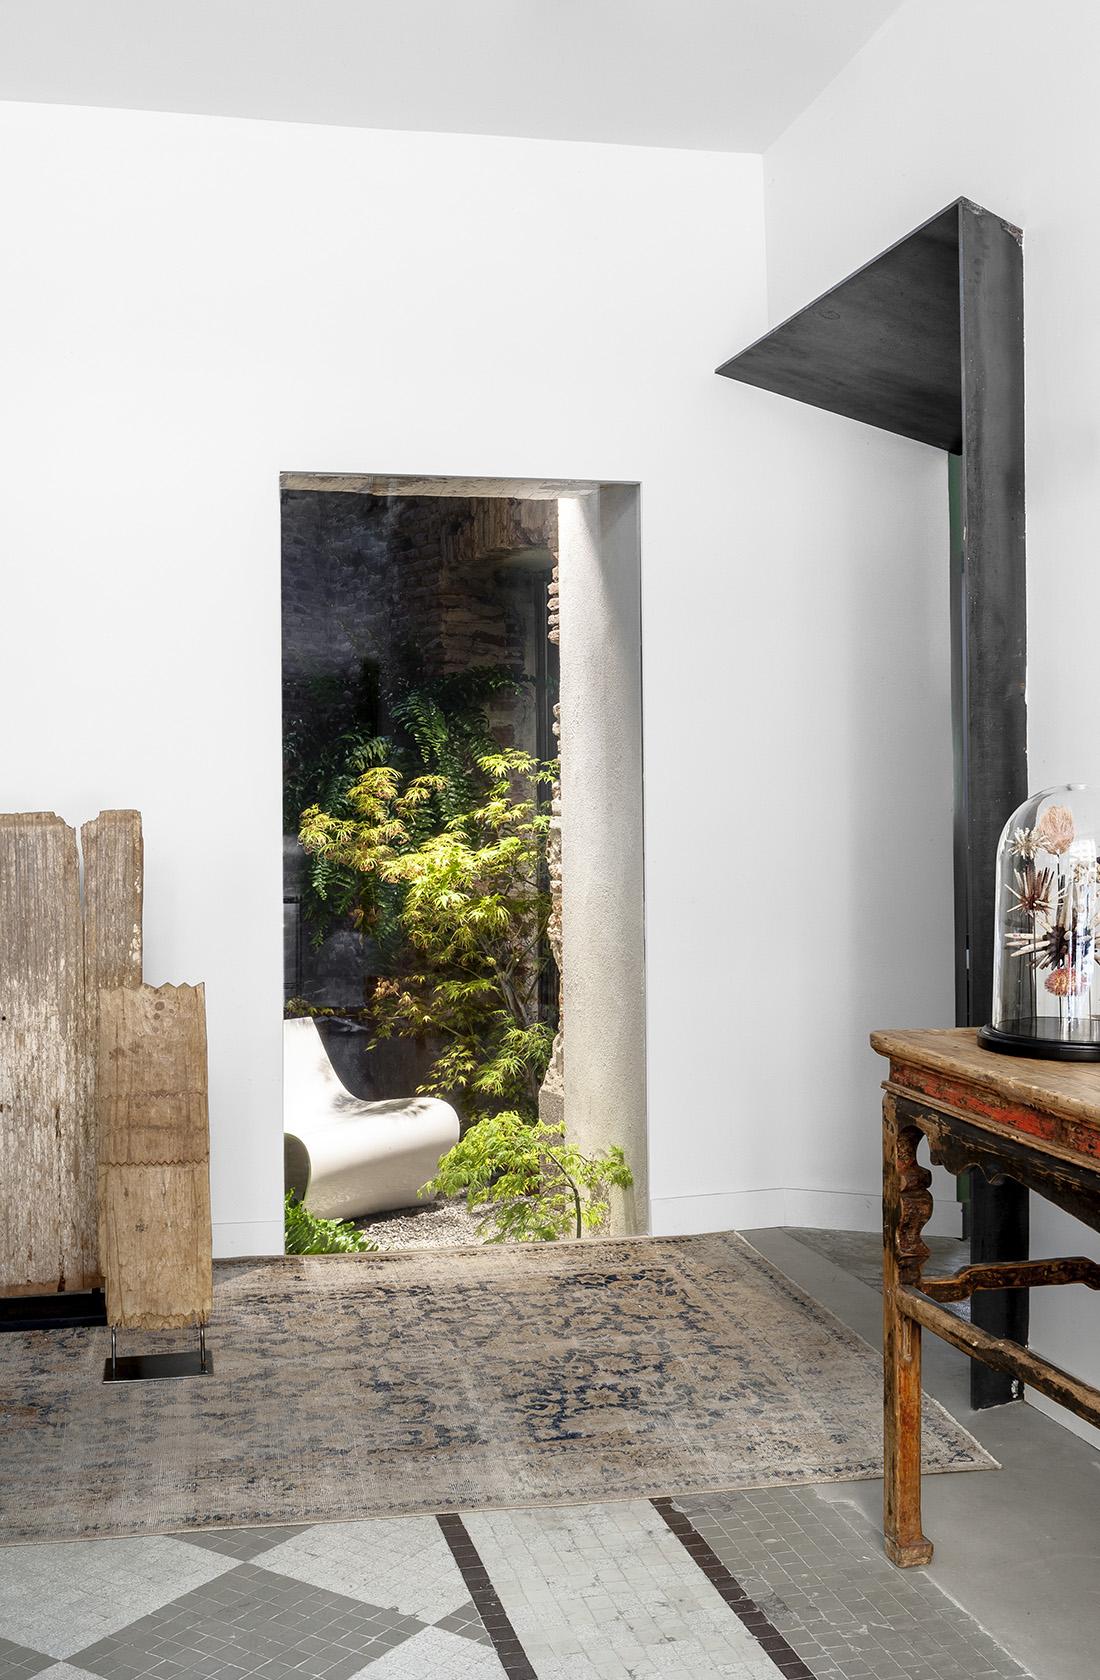 Detalle del suelo hidráulico y patio interior rehabilitados en el palacete protegido